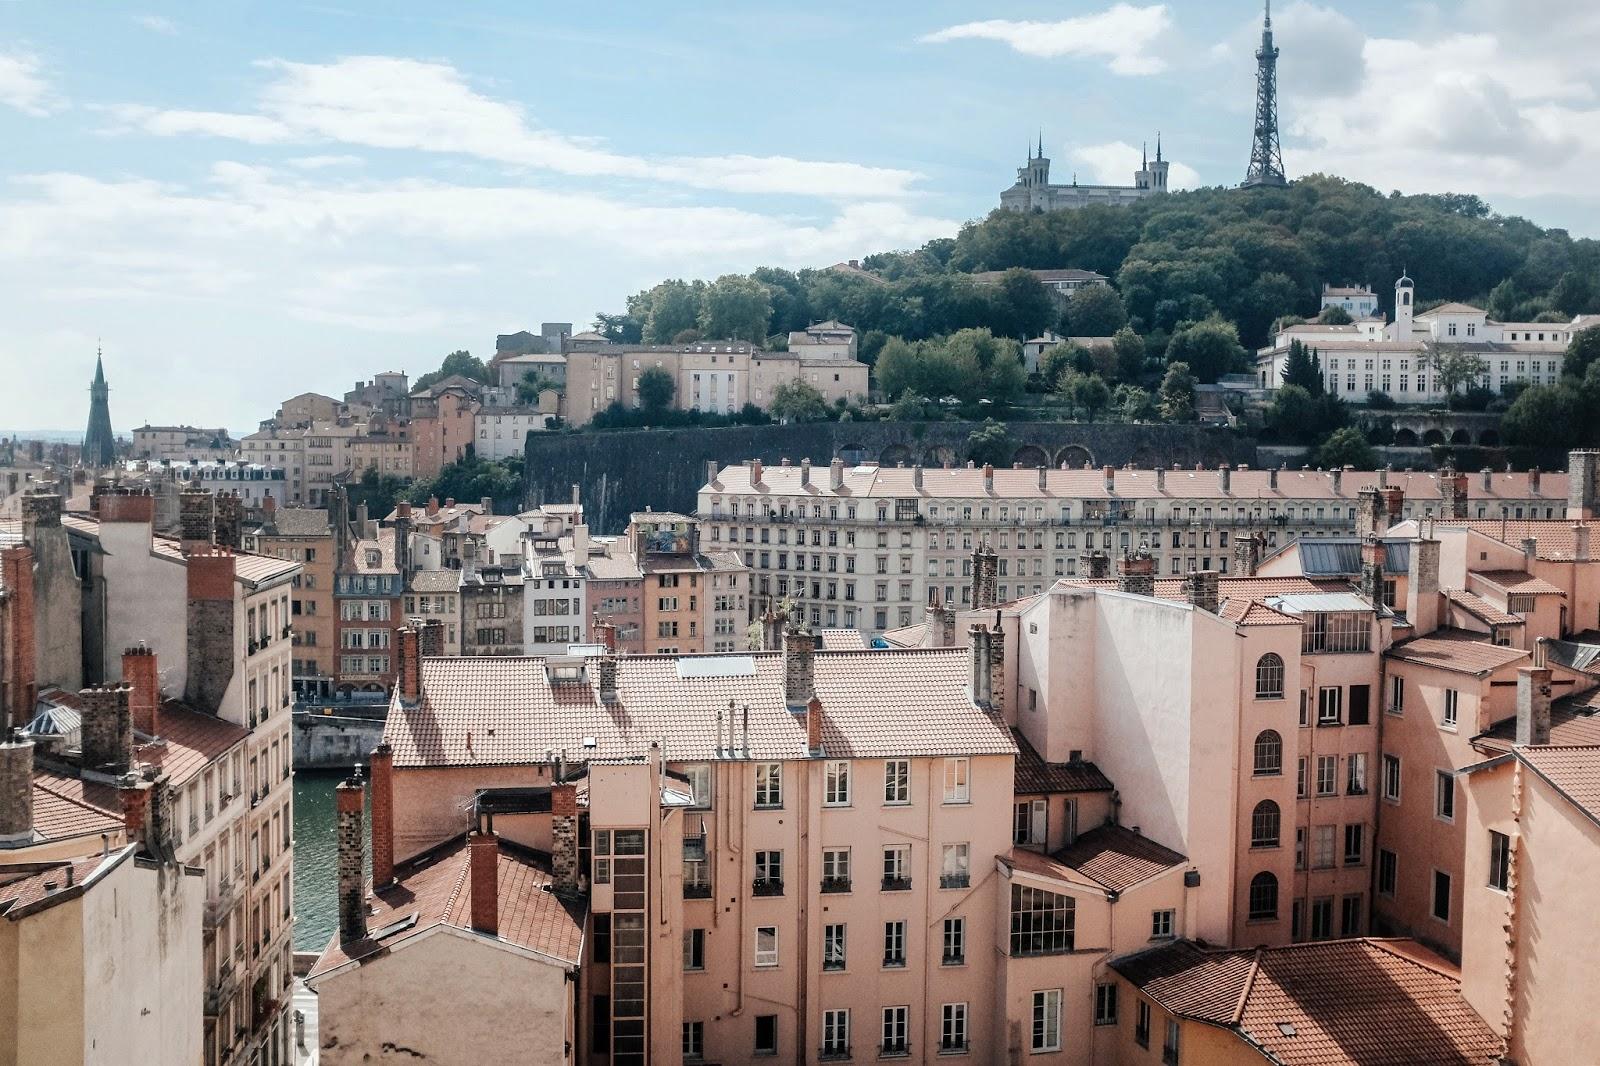 Lyon France photo diary